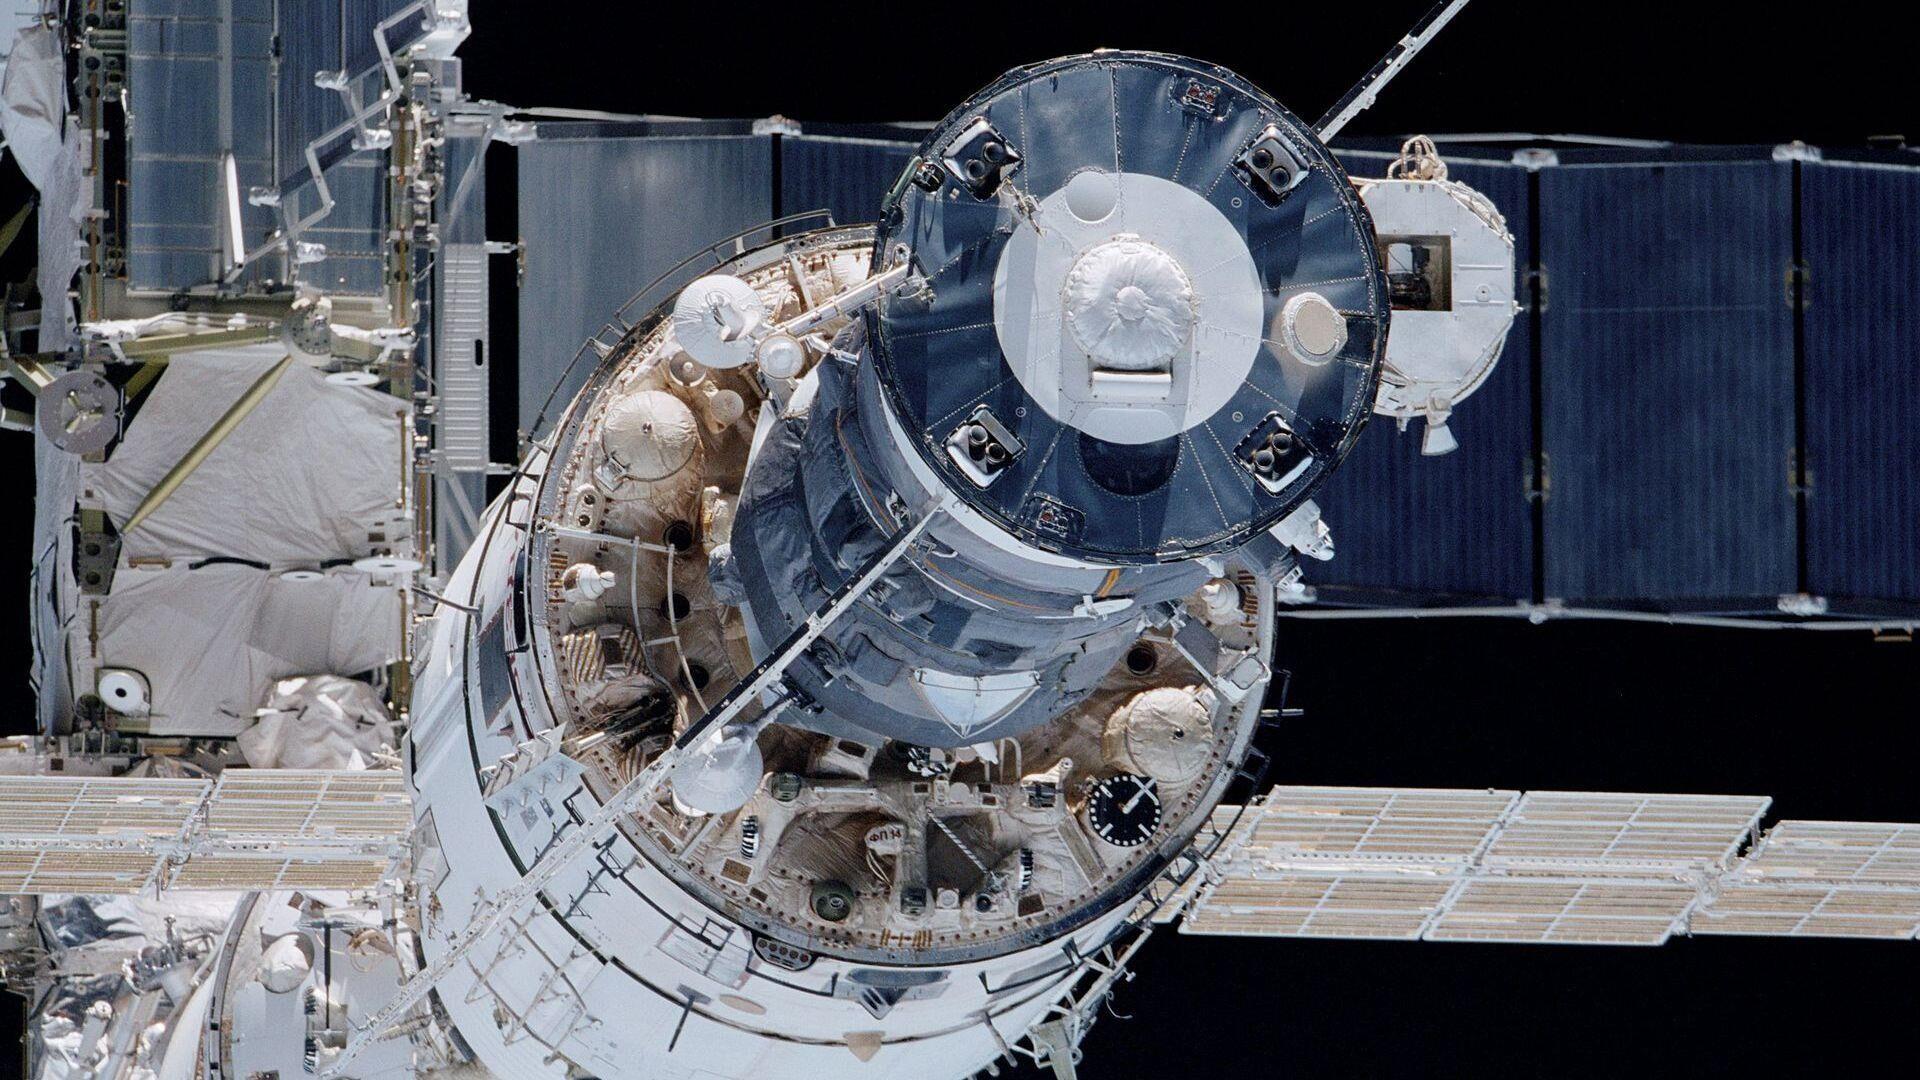 Рогозин осенью может обсудить с коллегой из НАСА судьбу МКС